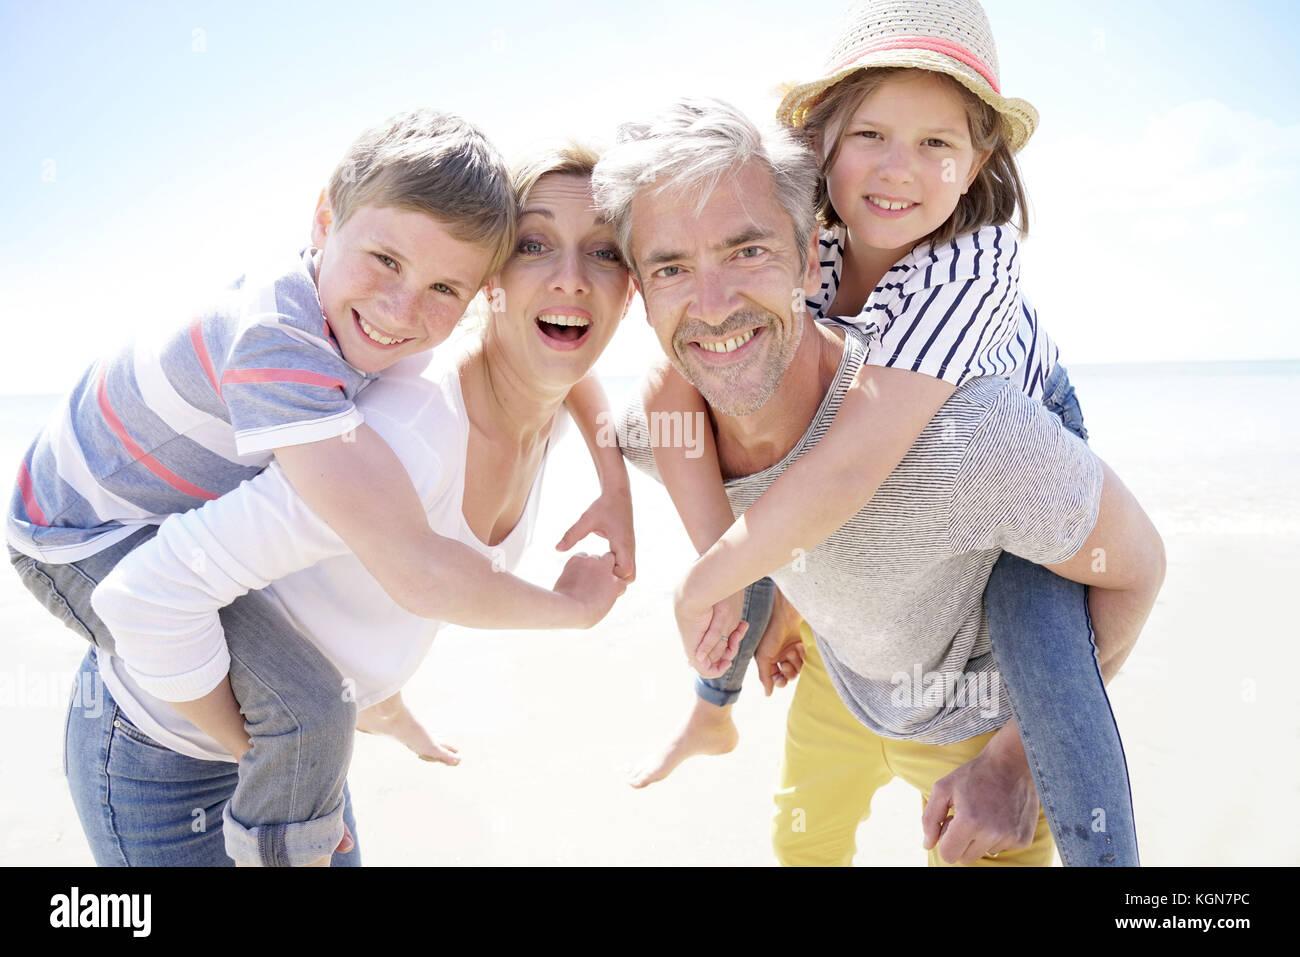 Los padres dando piggyback ride para niños en la playa. Imagen De Stock